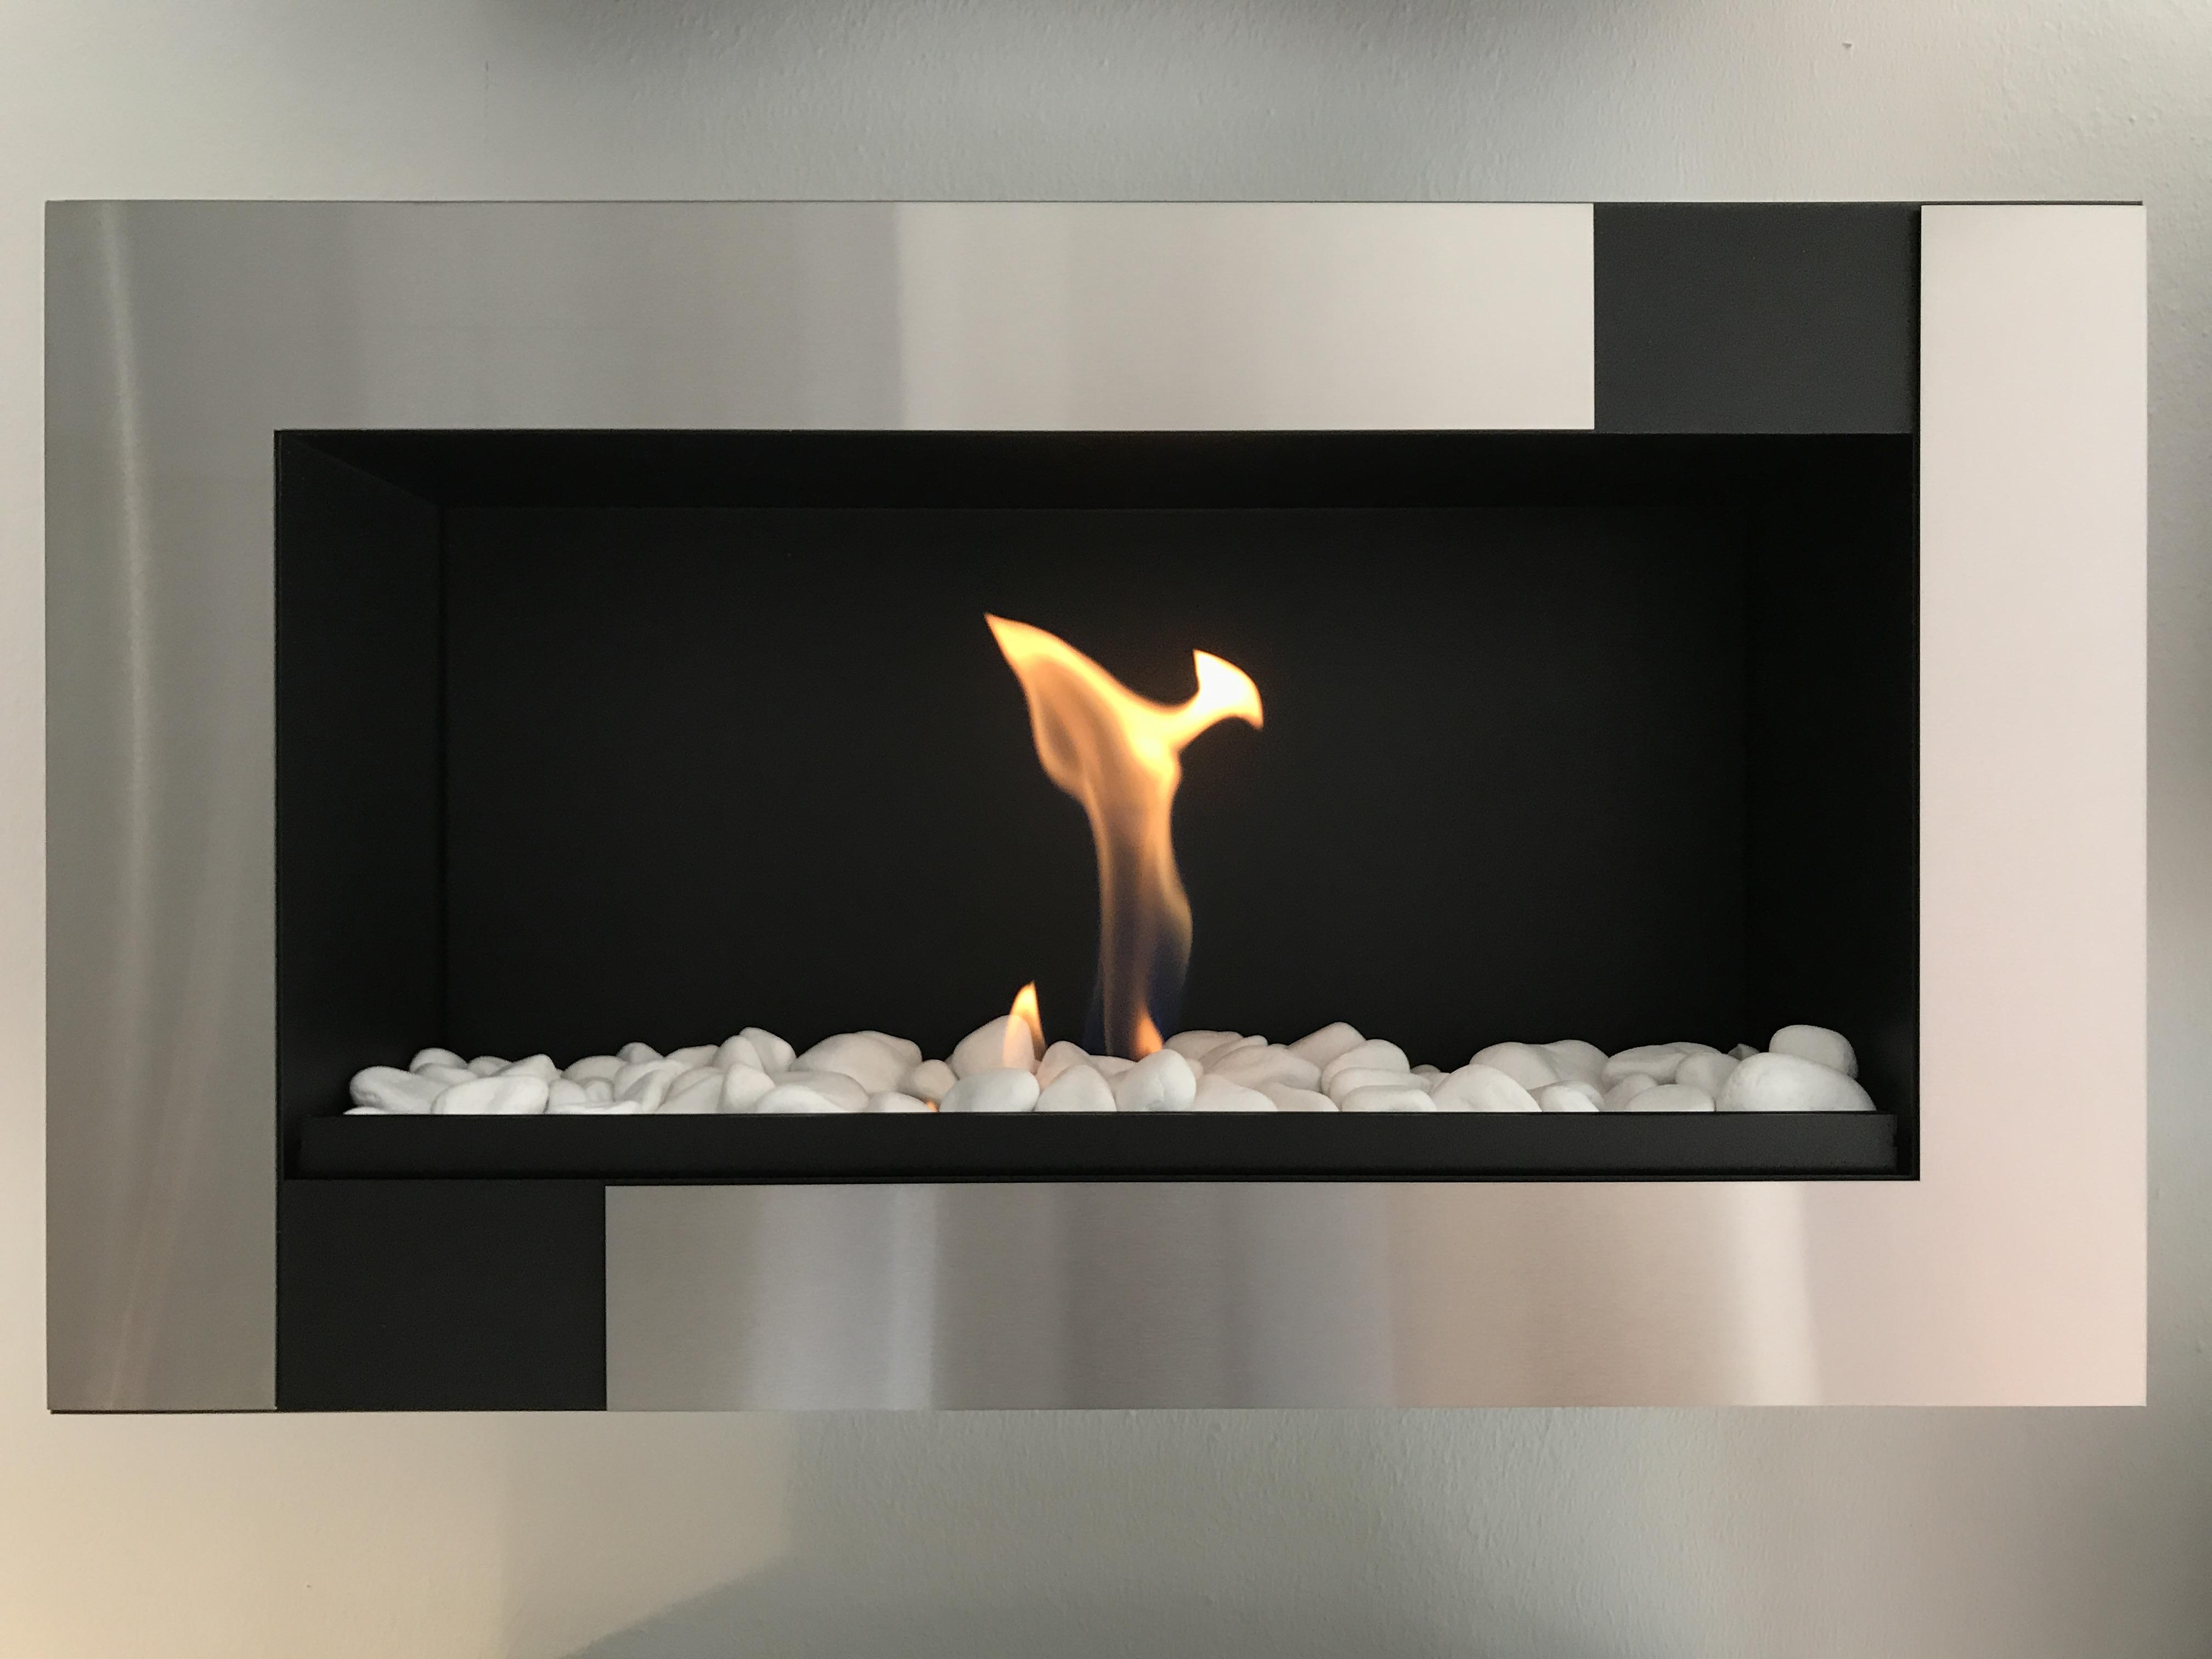 weltlux t v gepr ft bio ethanol kamin wandkamin biokamin studio q 650 mit oder ohne glasscheibe. Black Bedroom Furniture Sets. Home Design Ideas